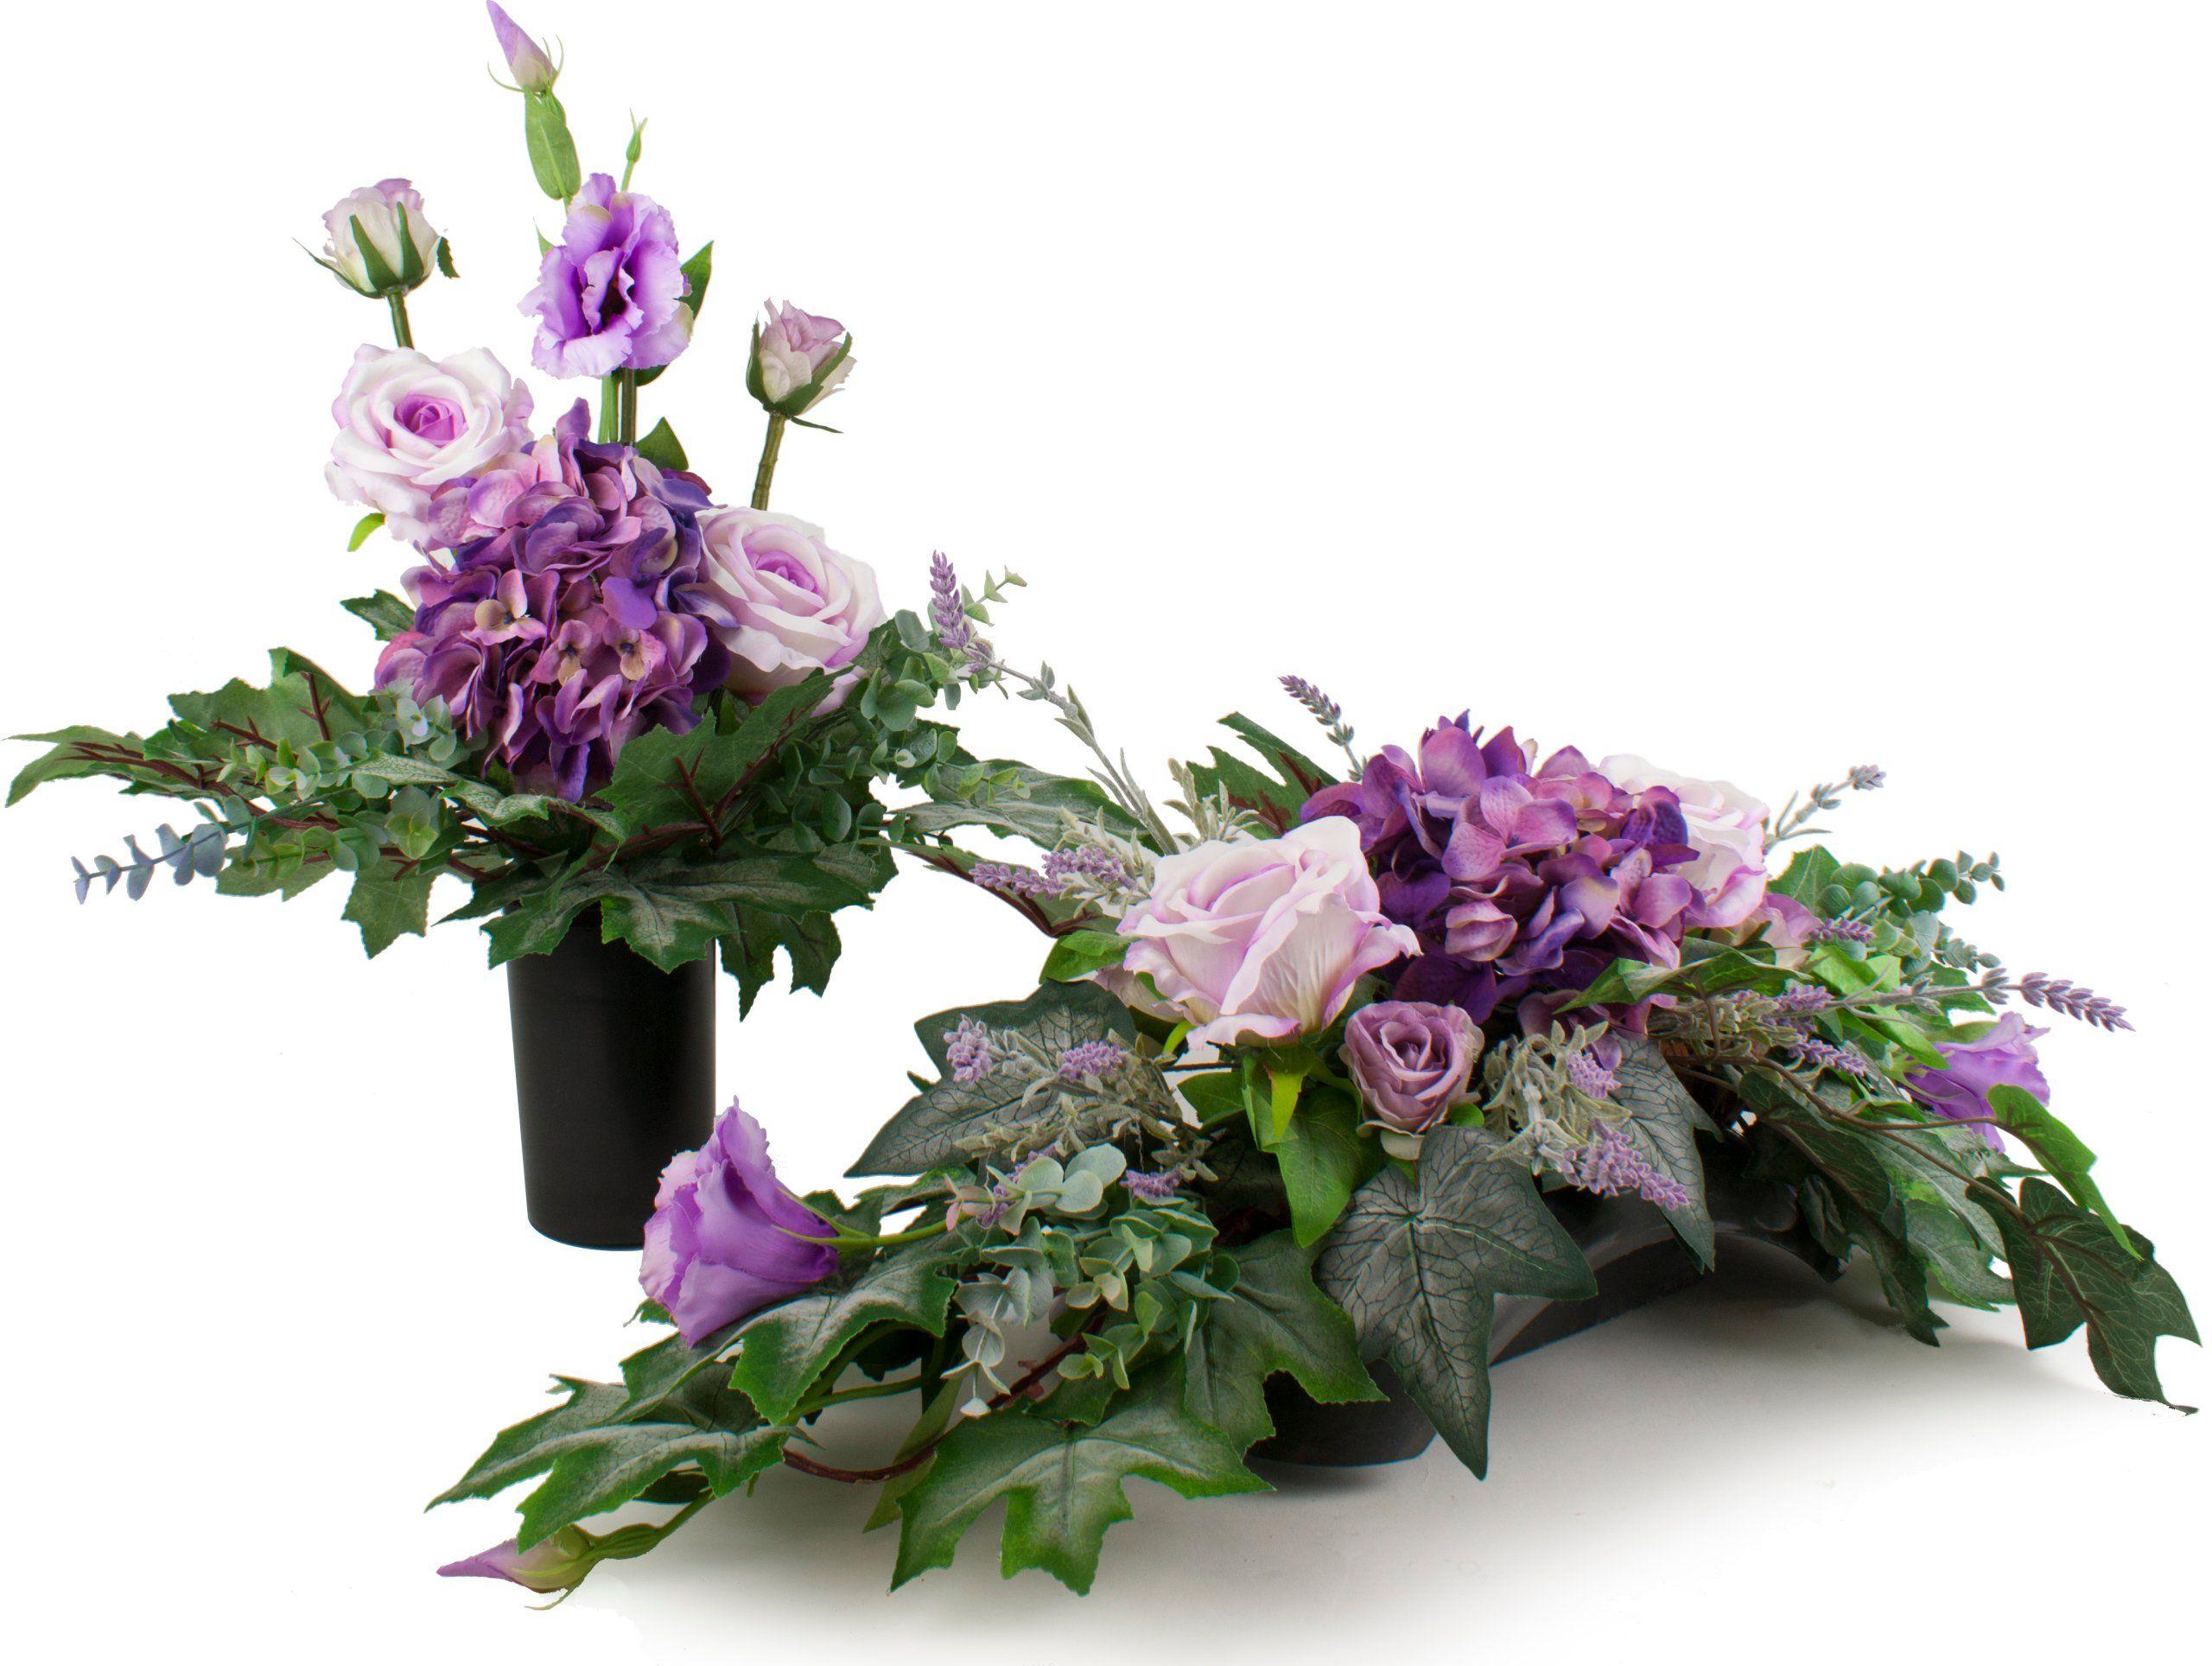 Sztuczne Kwiaty Na Grob Stroik Bukiet Kompozycja Contemporary Flower Arrangements Funeral Flower Arrangements Funeral Floral